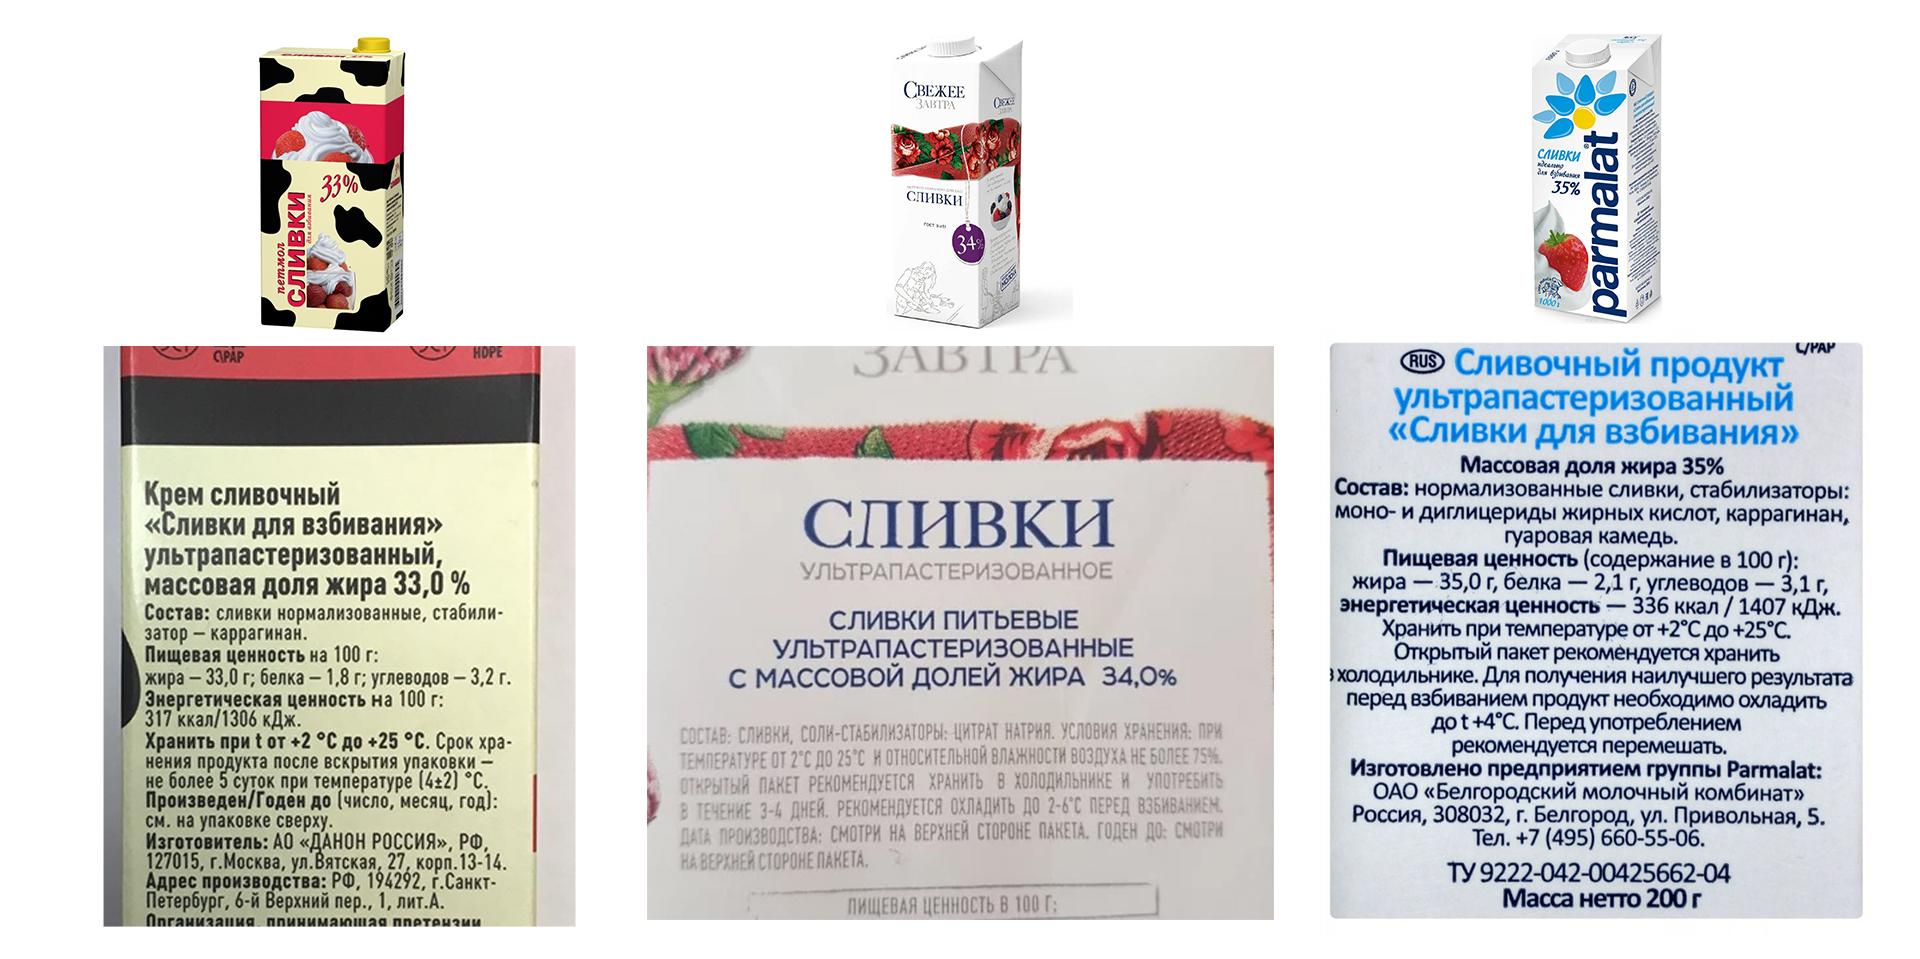 Обзор молочных сливок. Сравнение марок